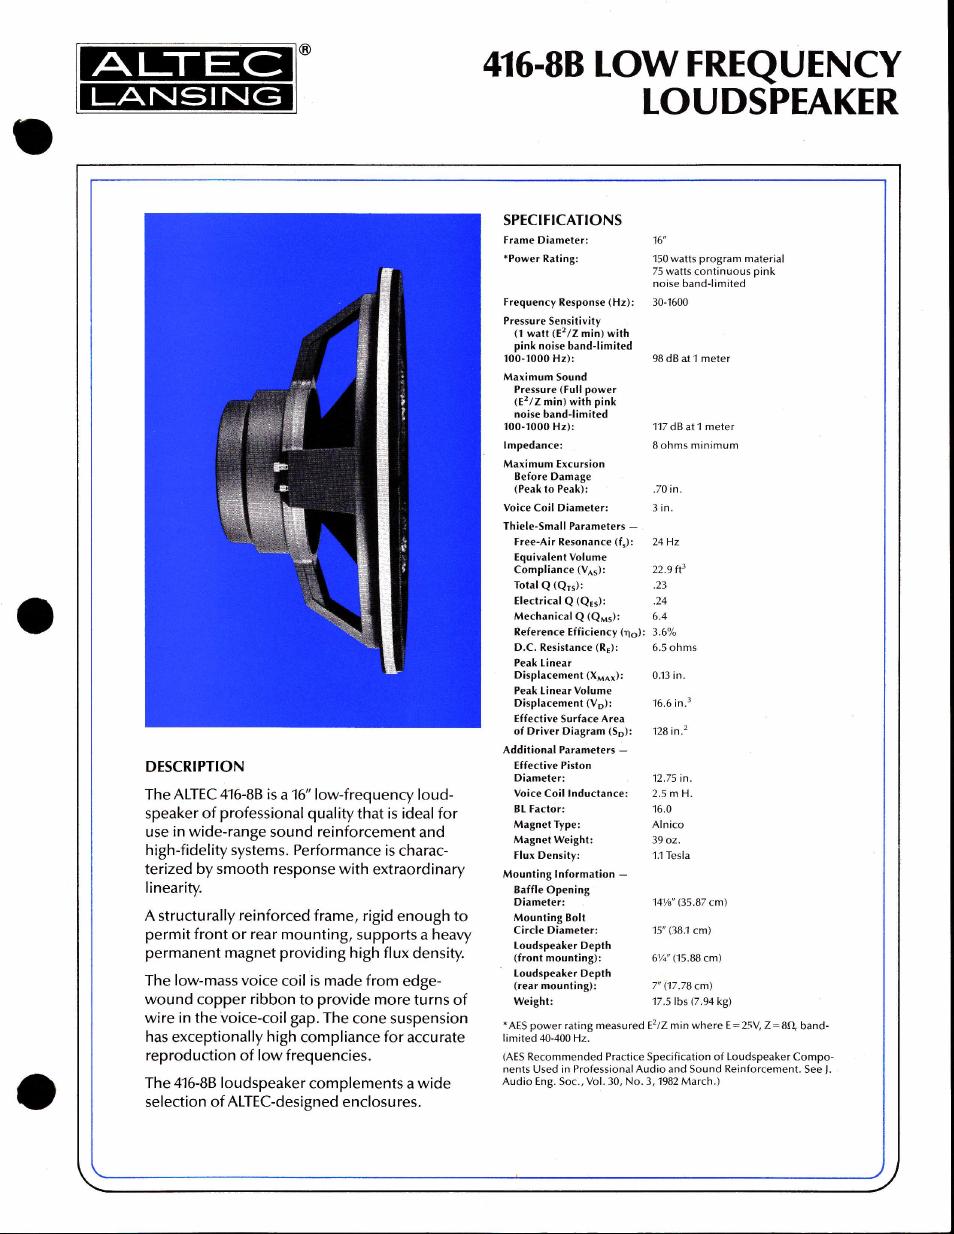 Altec Lansing 416-8B User Manual | 2 pages